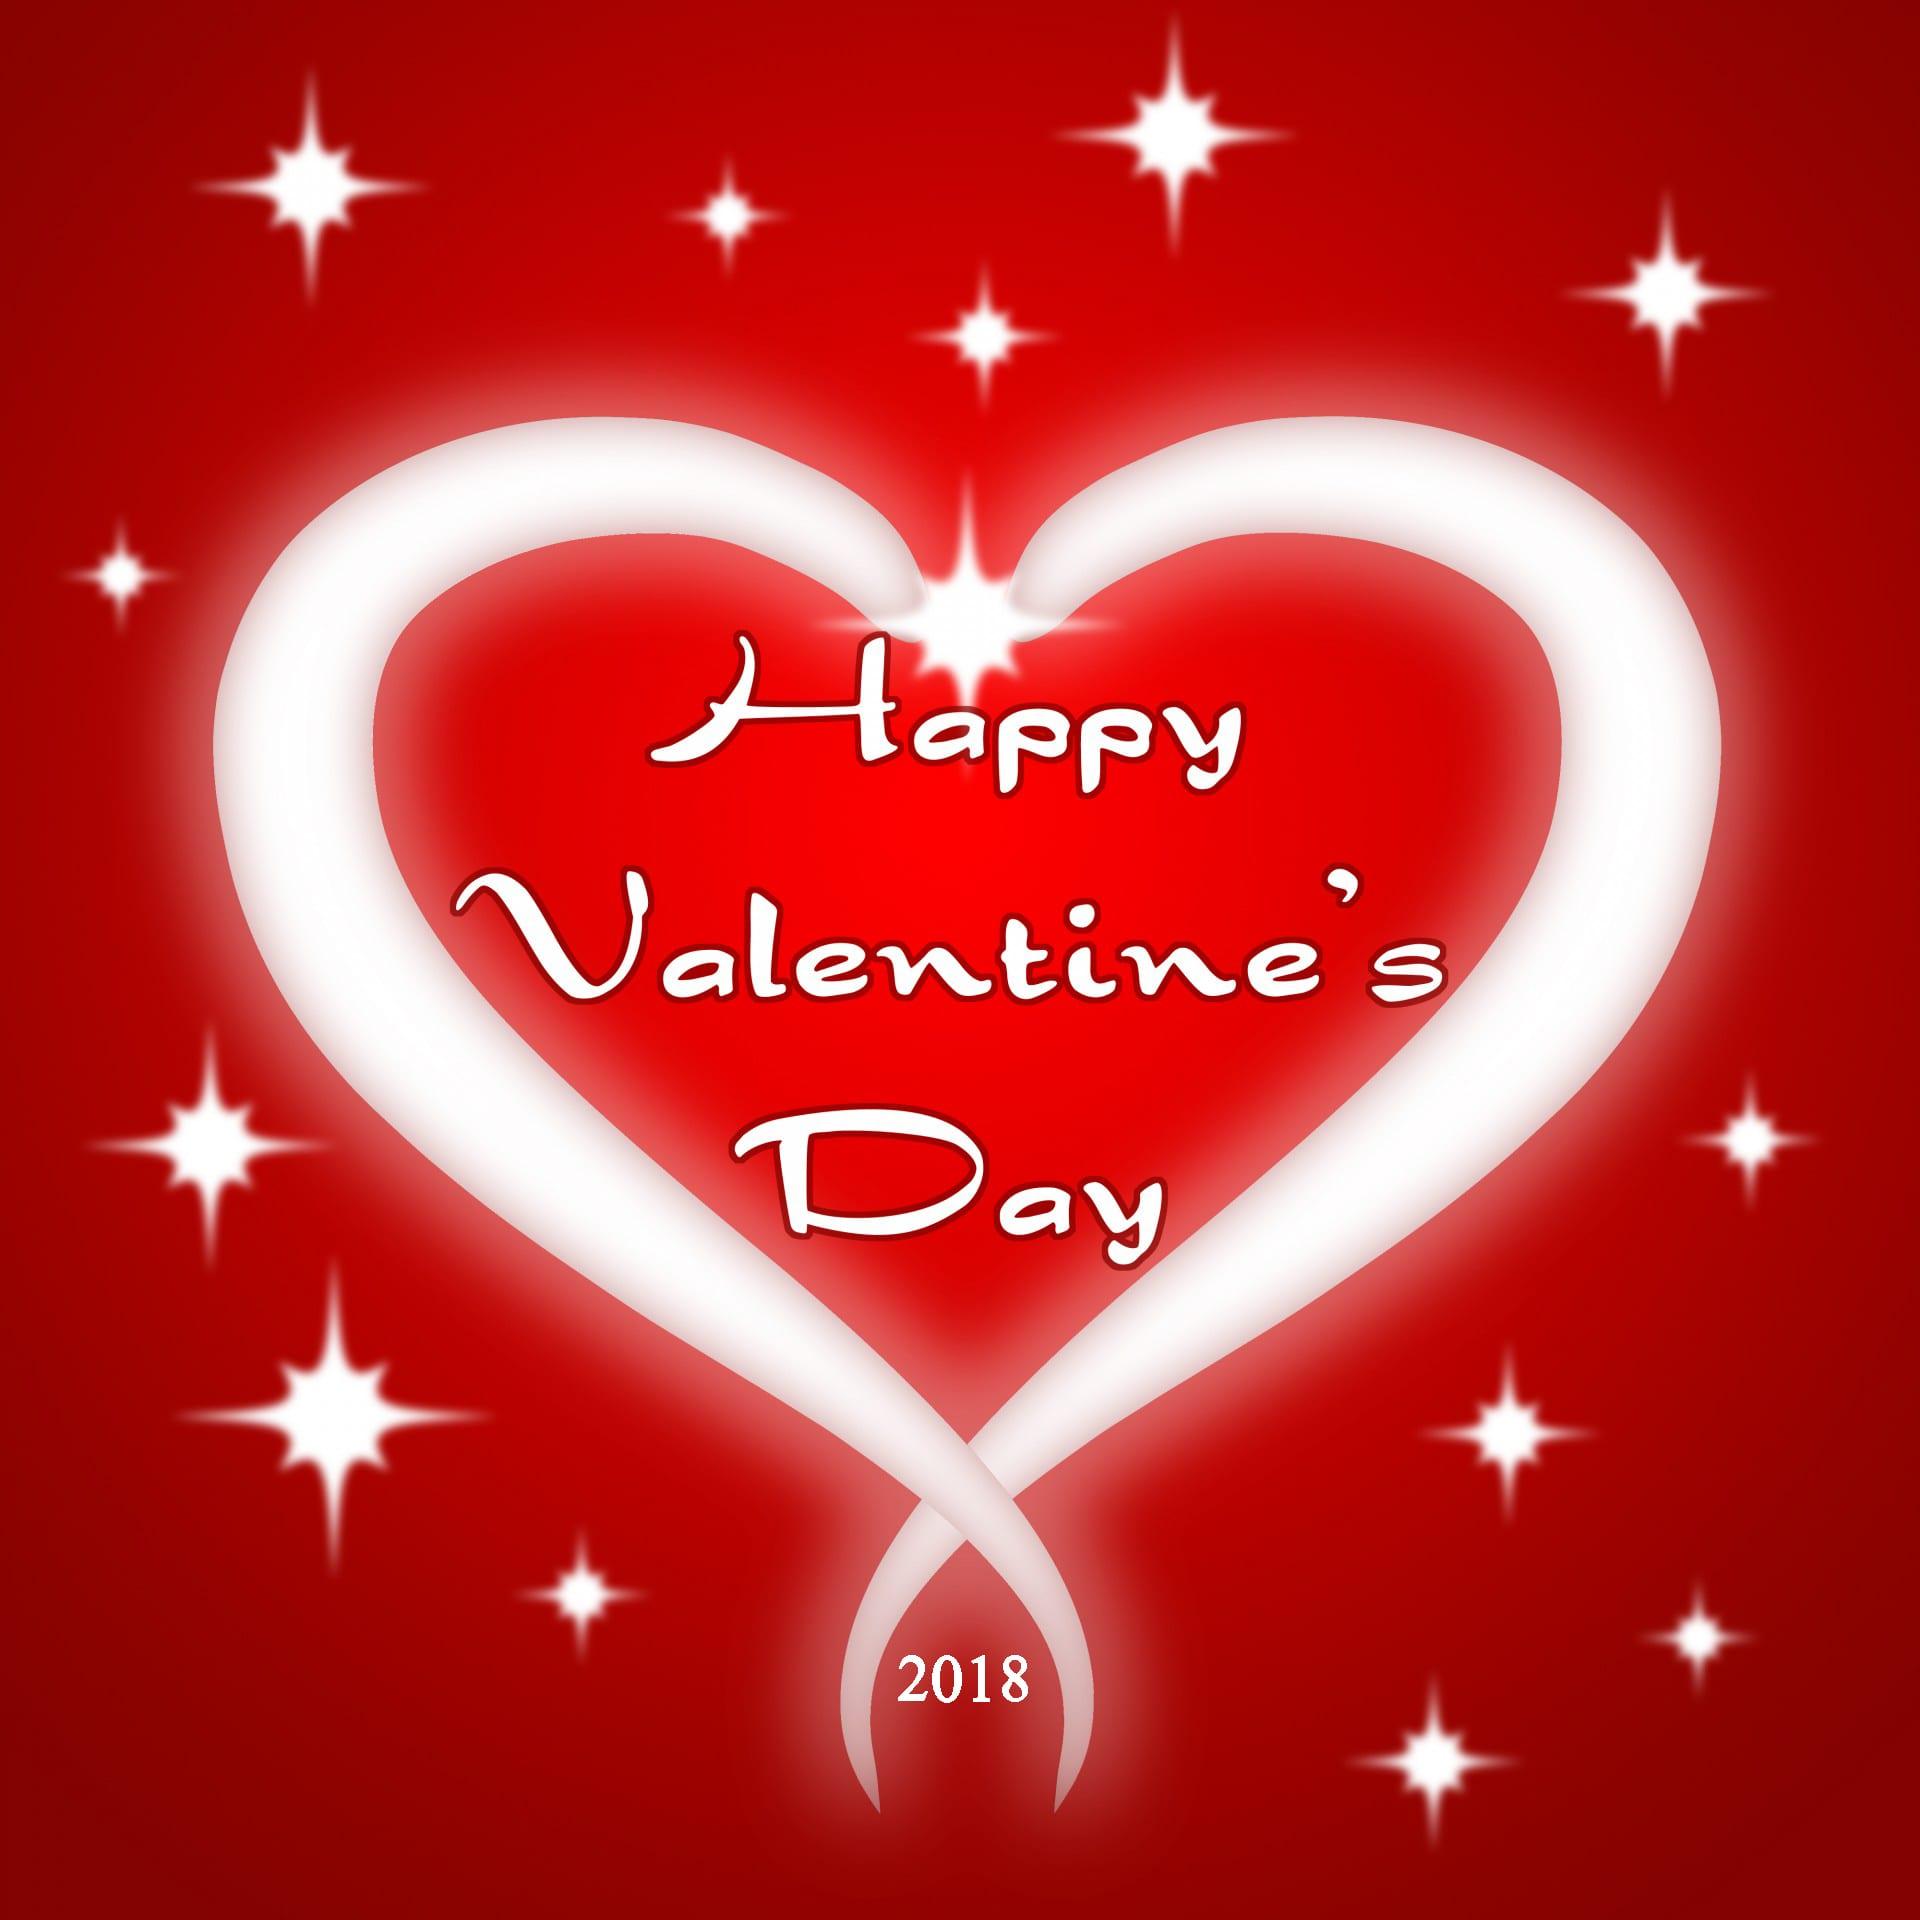 بالصور رسائل عن الحب , صور لعيد الحب 5203